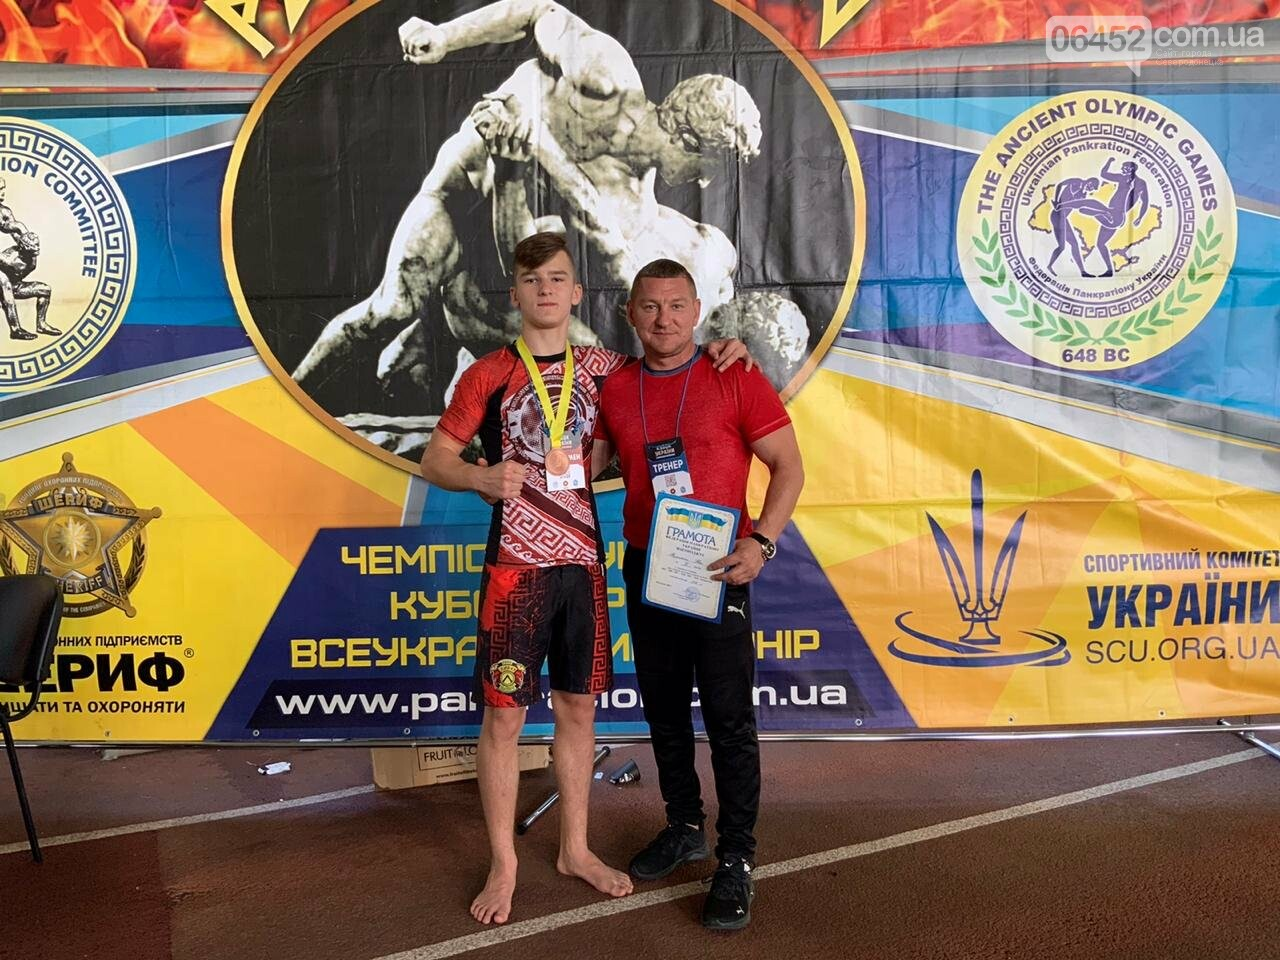 Северодончане завоевали 8 медалей на Чемпионате Украины по грэпплингу и панкратиону, фото-6